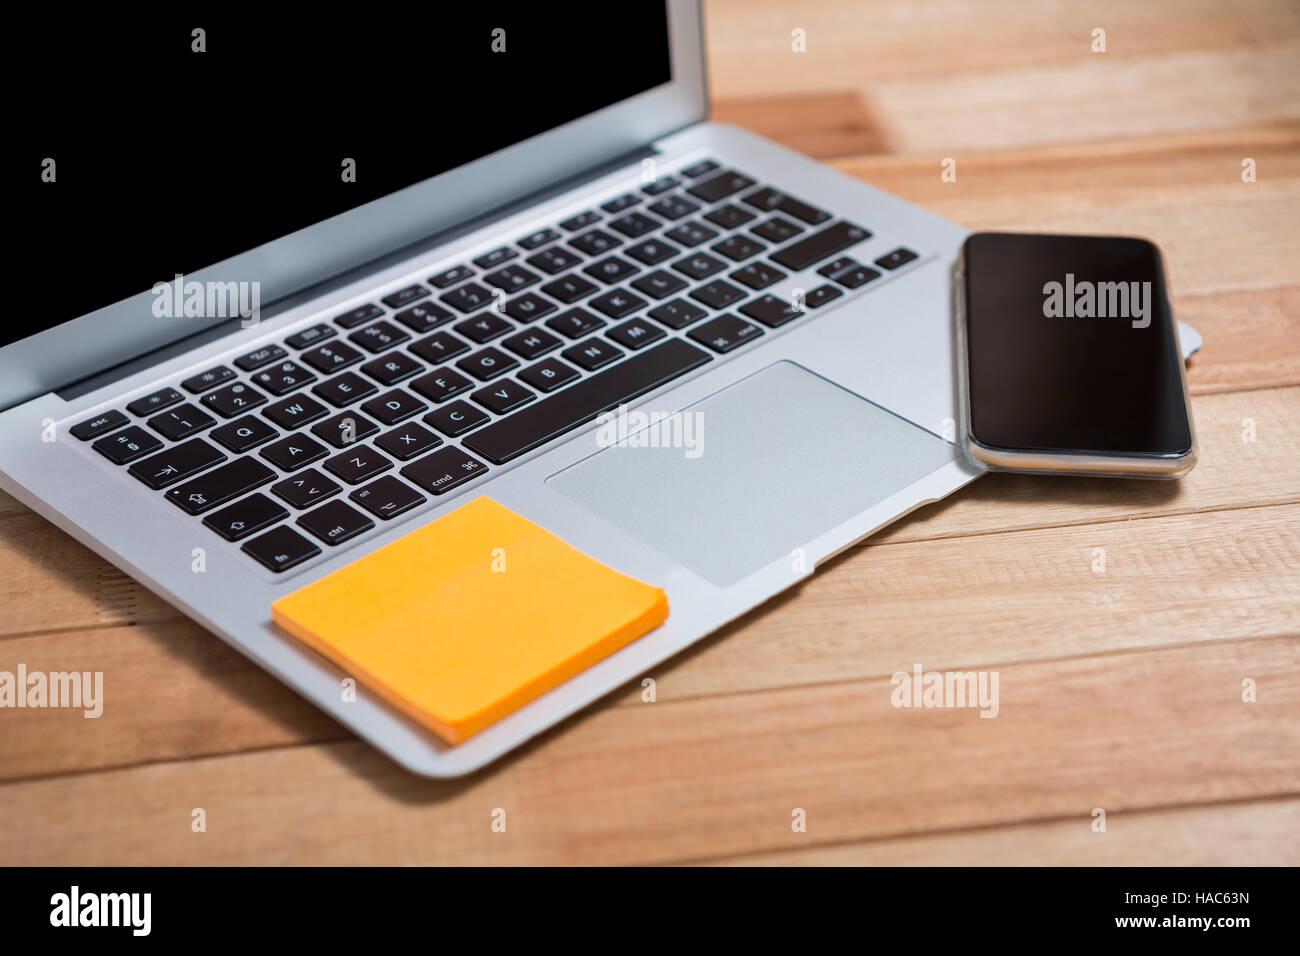 Telefono cellulare e una nota adesiva su laptop Immagini Stock